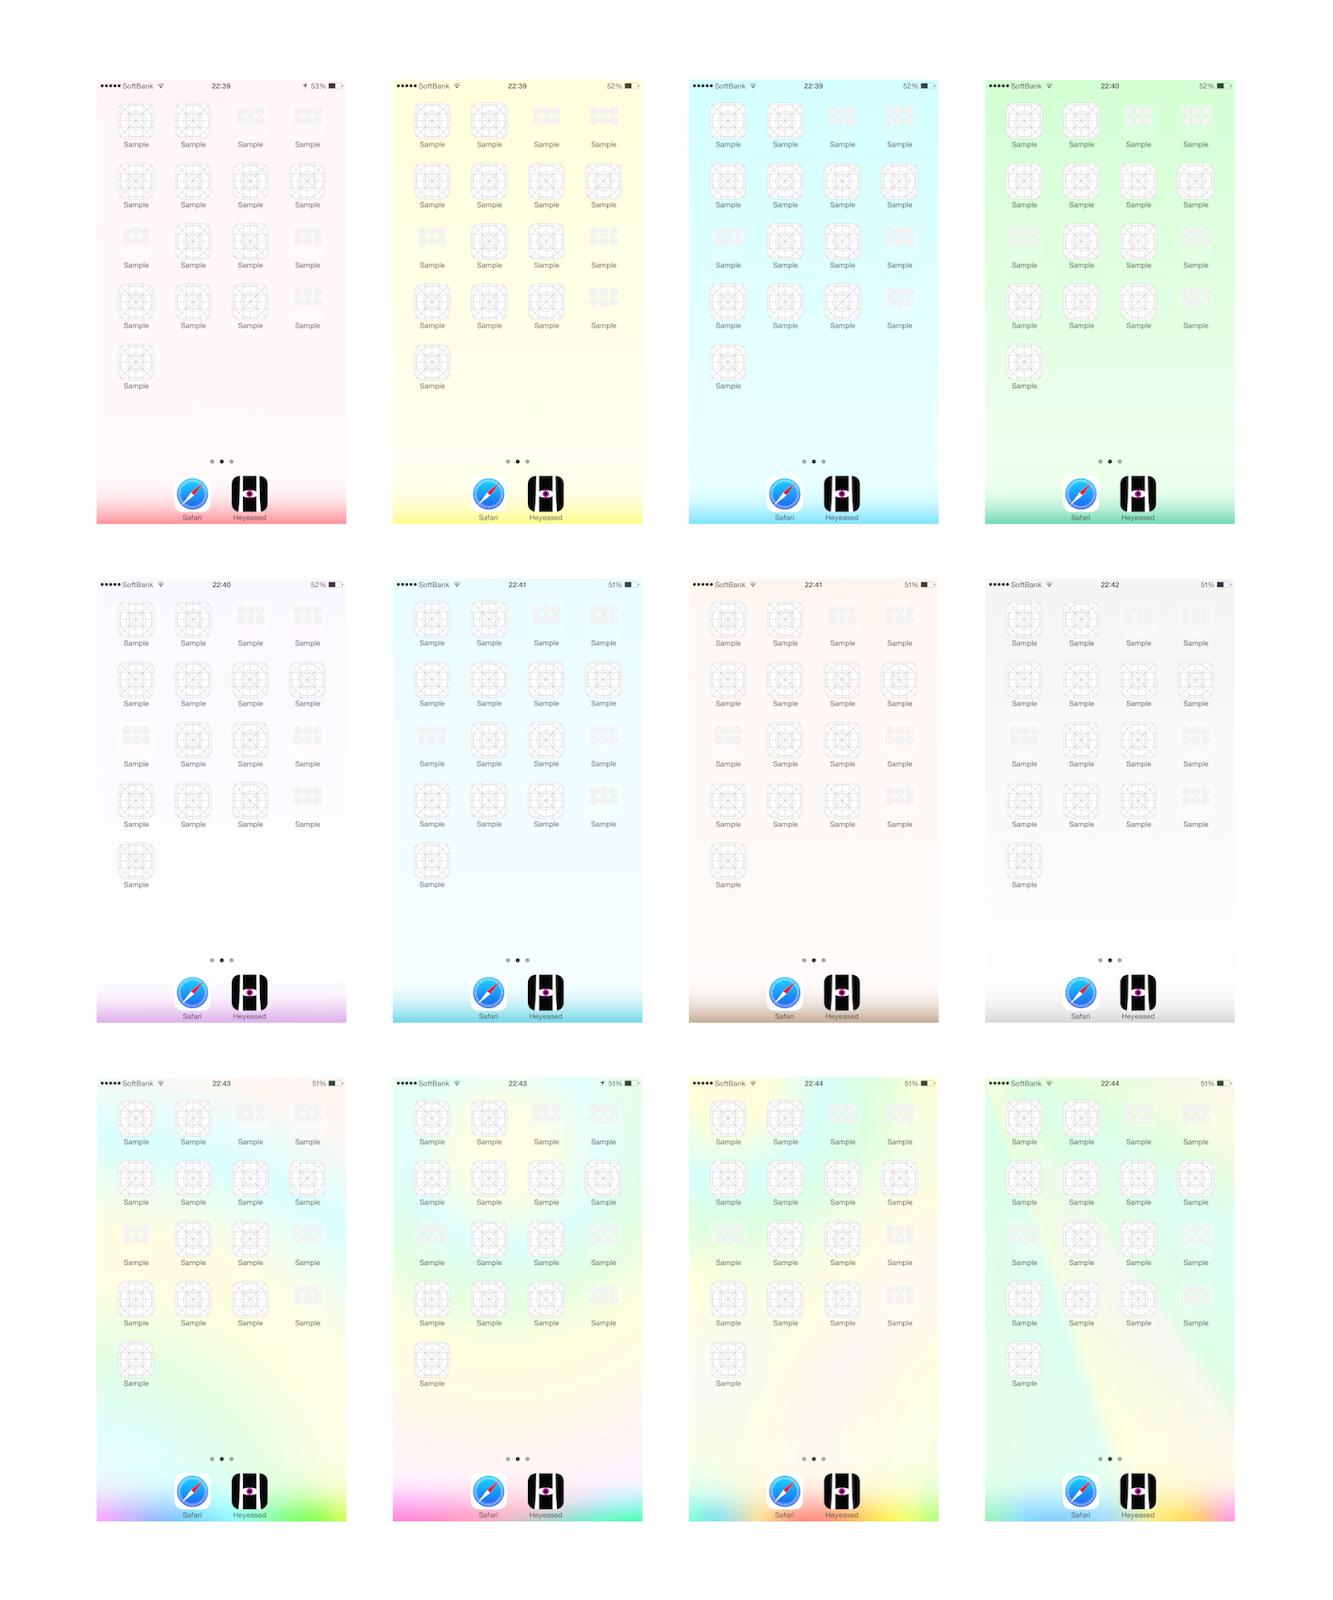 11ヶ月 Iphoneのドックとフォルダ全てが消える淡彩壁紙完成版 不思議なiphone壁紙のブログ